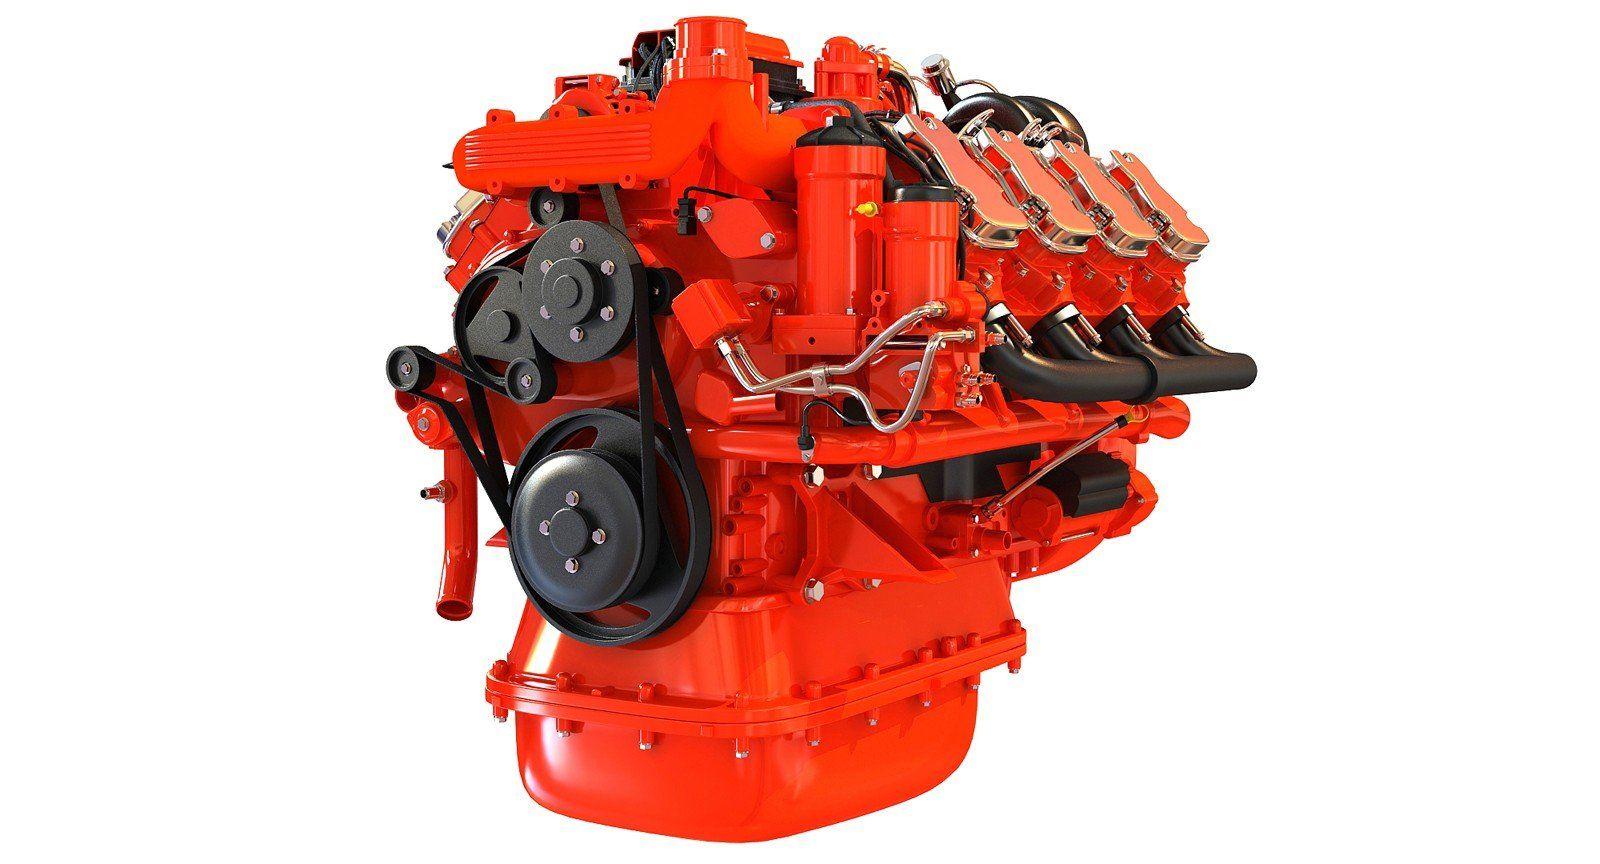 Swedish V8 Engine Industrial Diesel Engines | Scania sport | Diesel